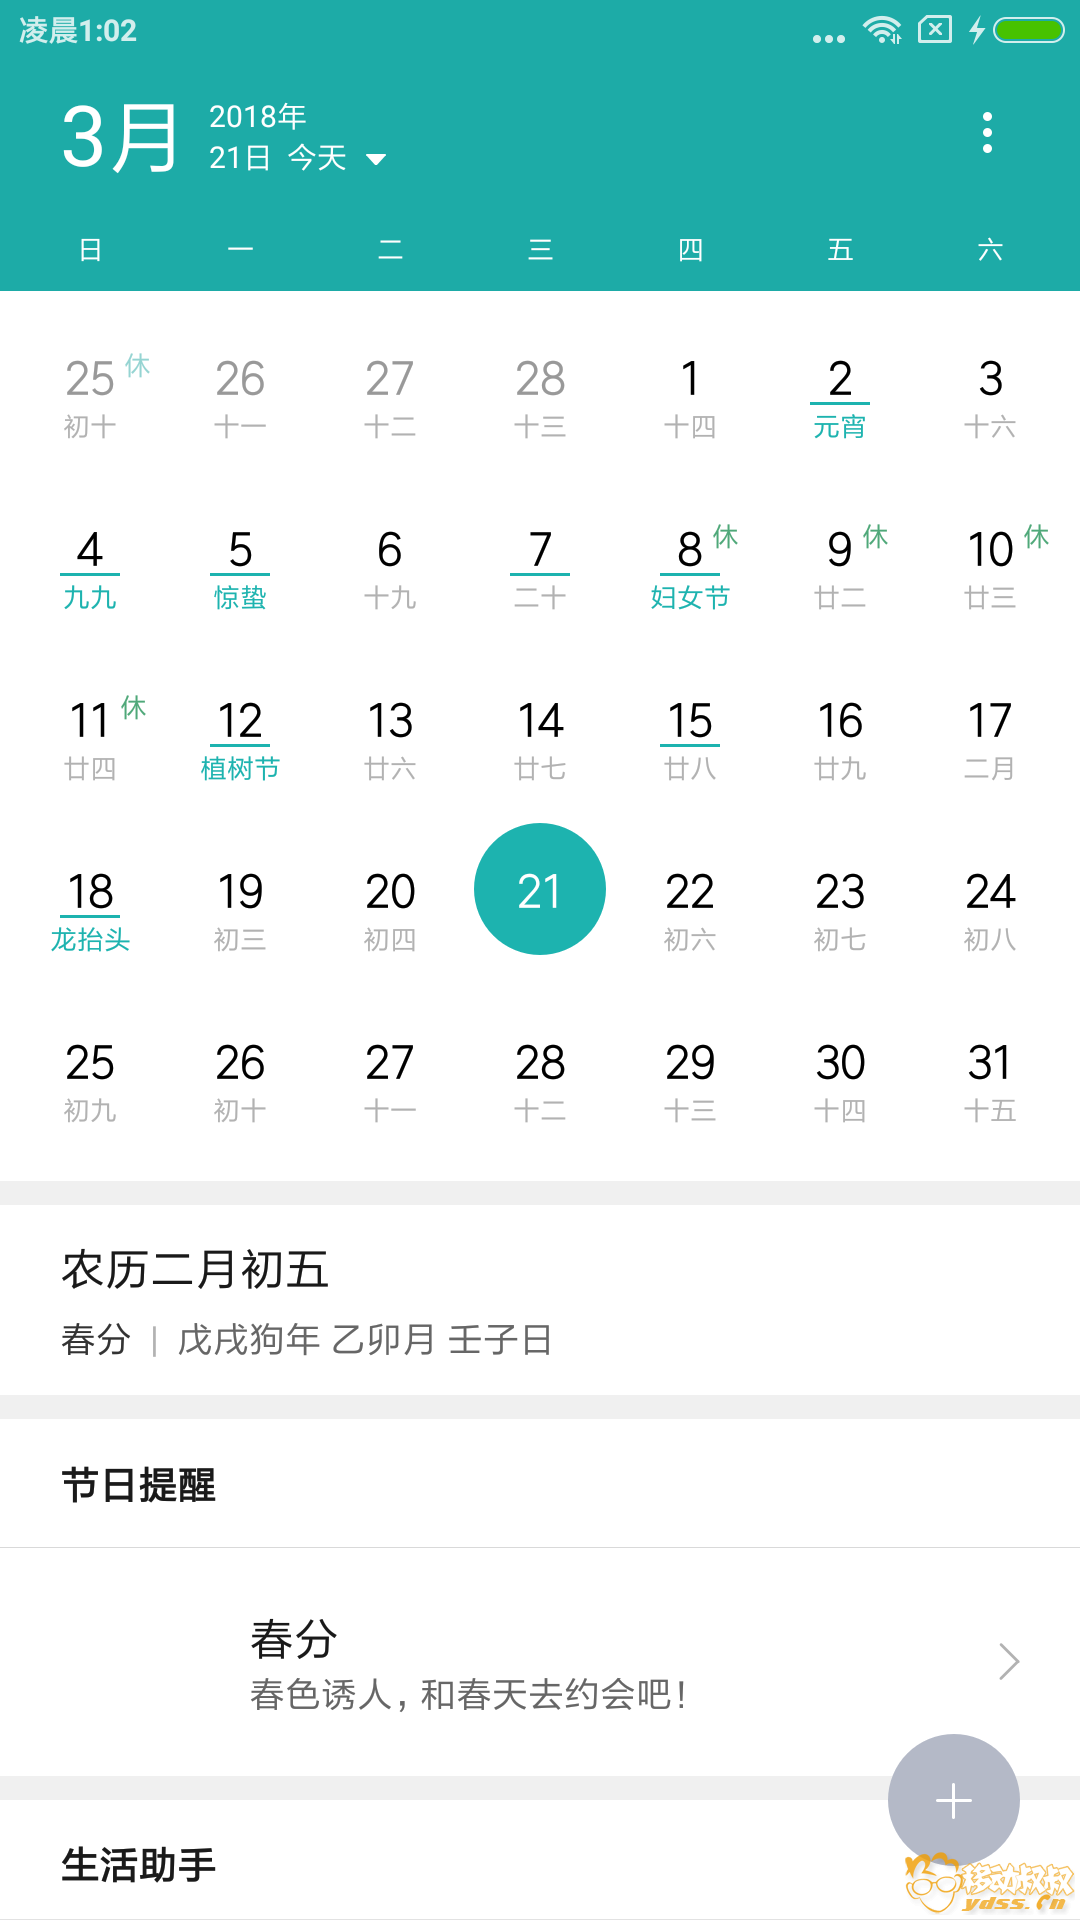 Screenshot_2018-03-21-01-02-15-850_com.android.calendar.png